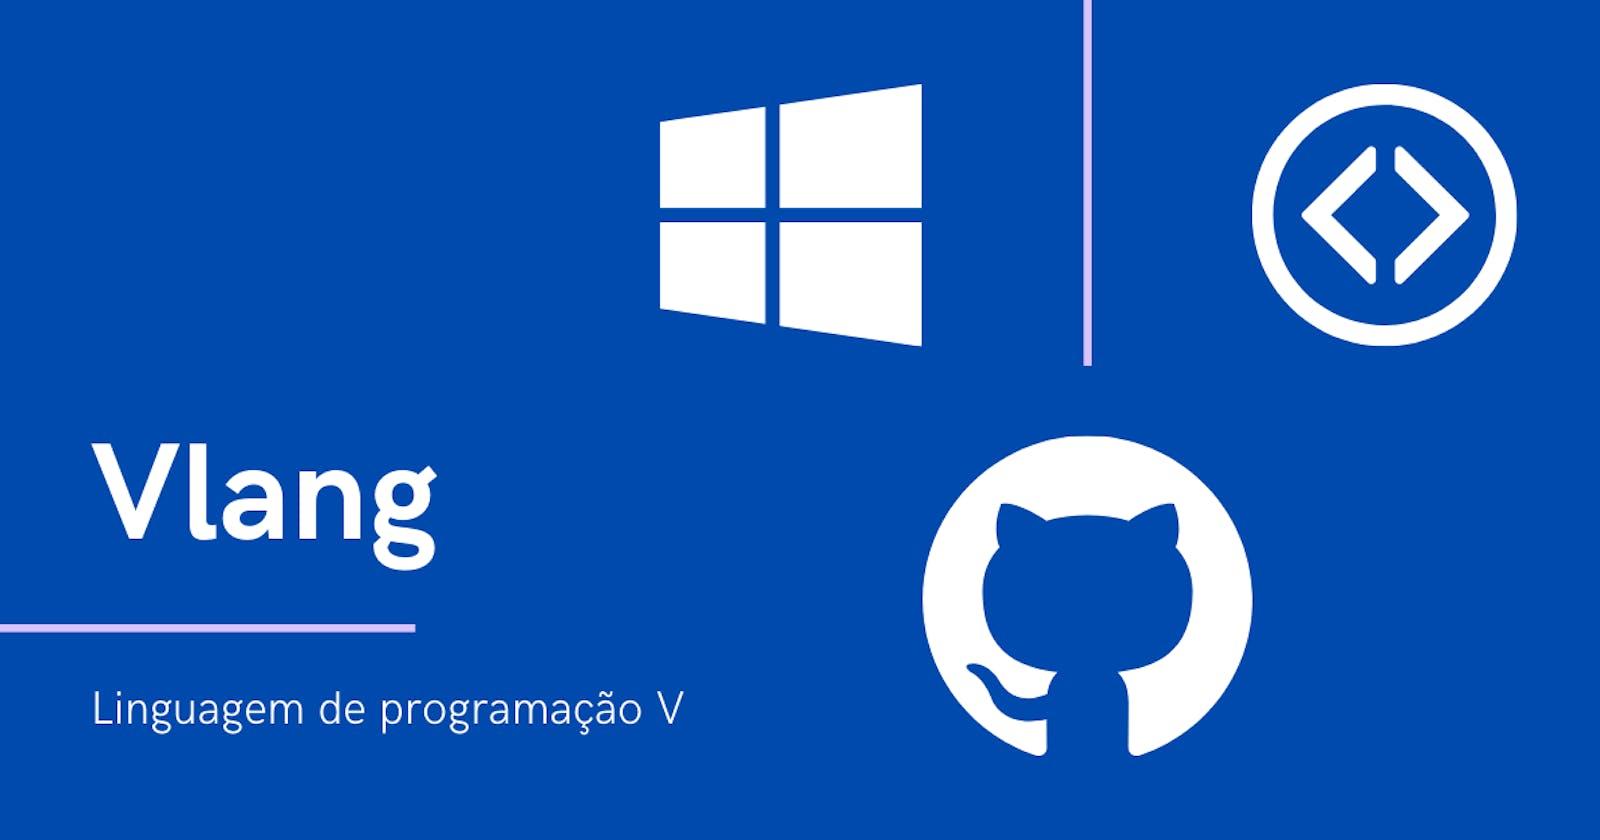 Vlang: Como instalar a linguagem de programação V no Microsoft Windows (via Git)